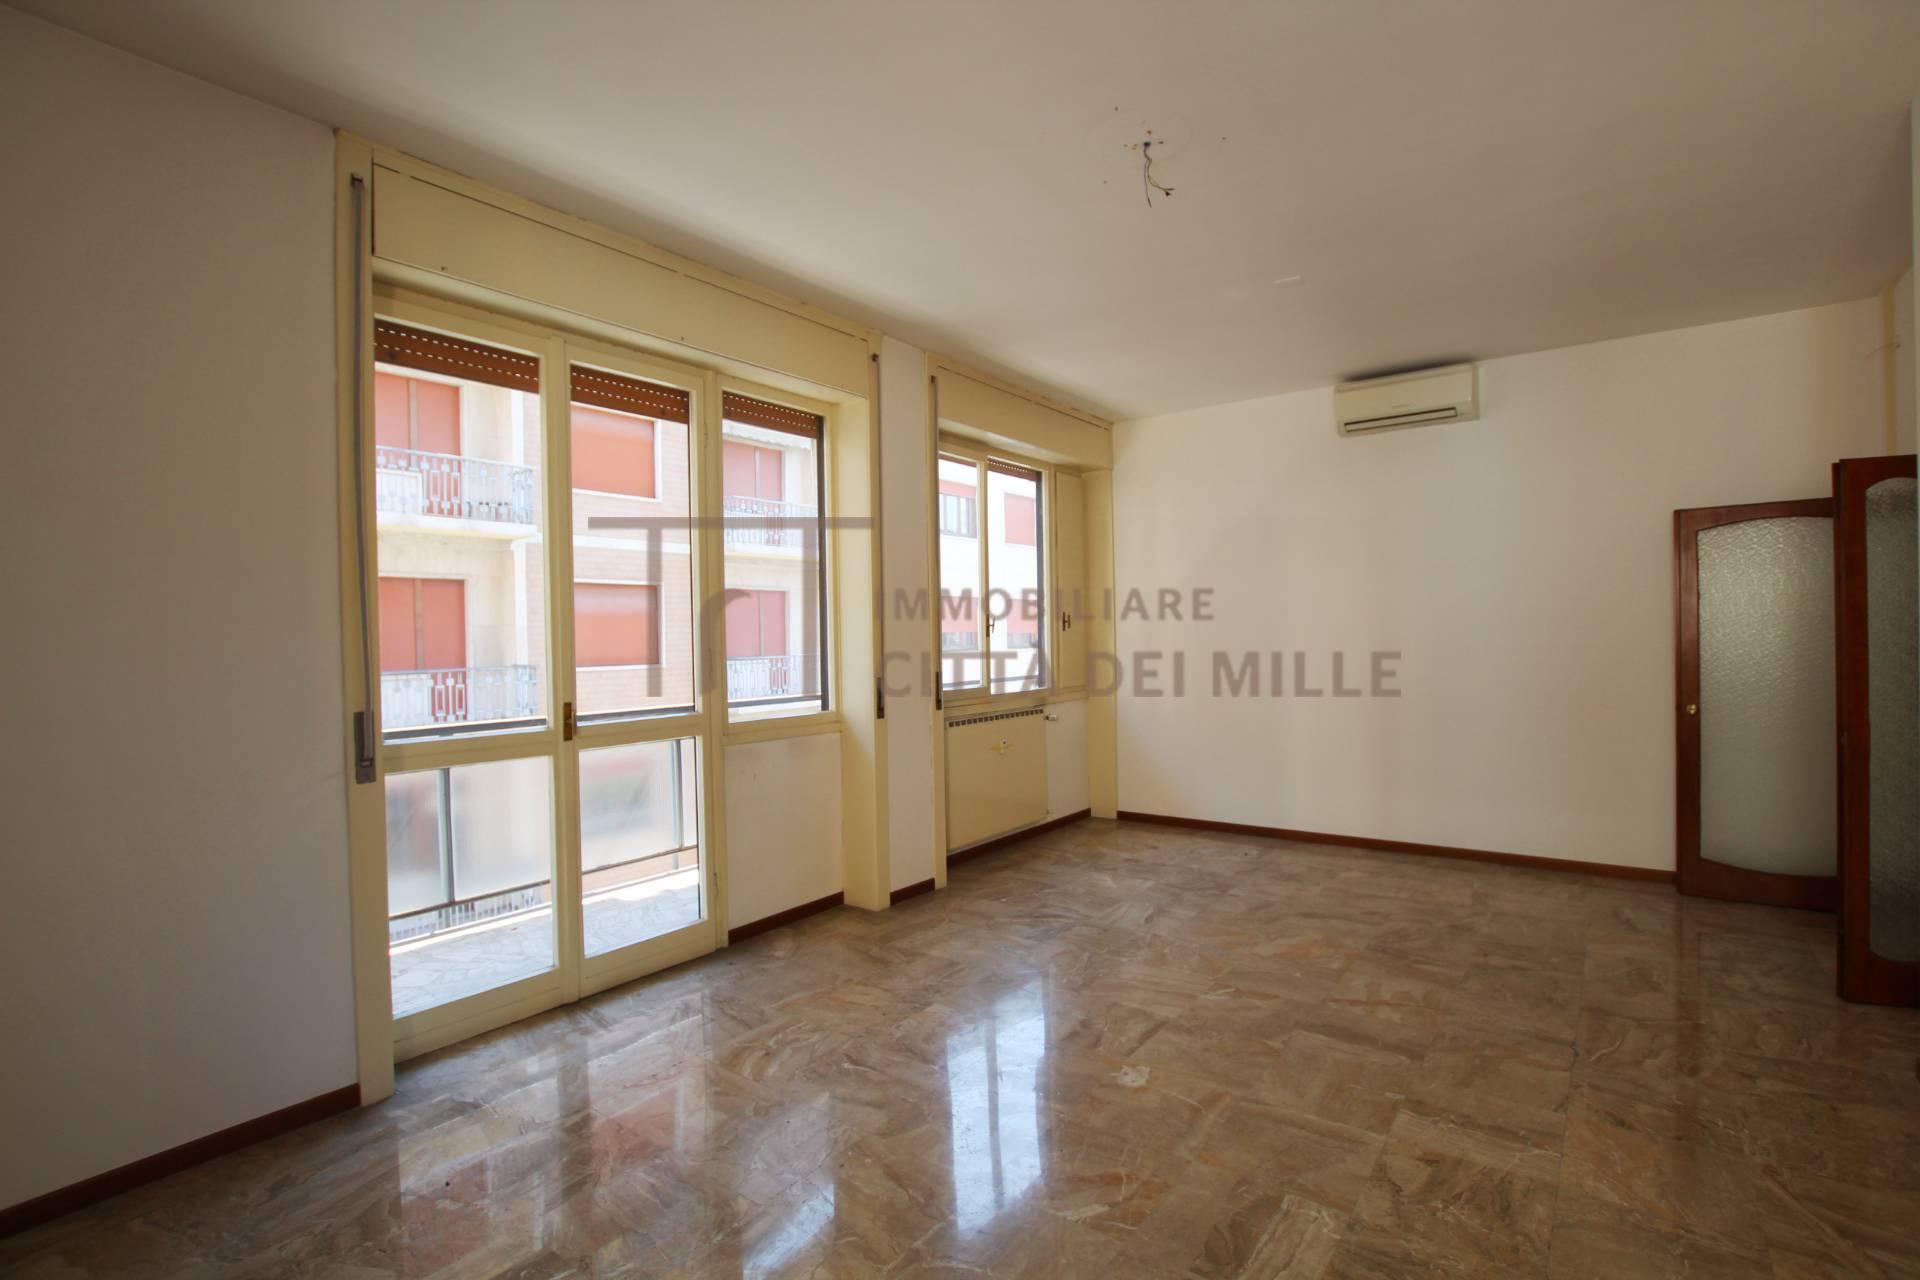 Appartamento in vendita Poste-Via Antonio Locatelli Bergamo